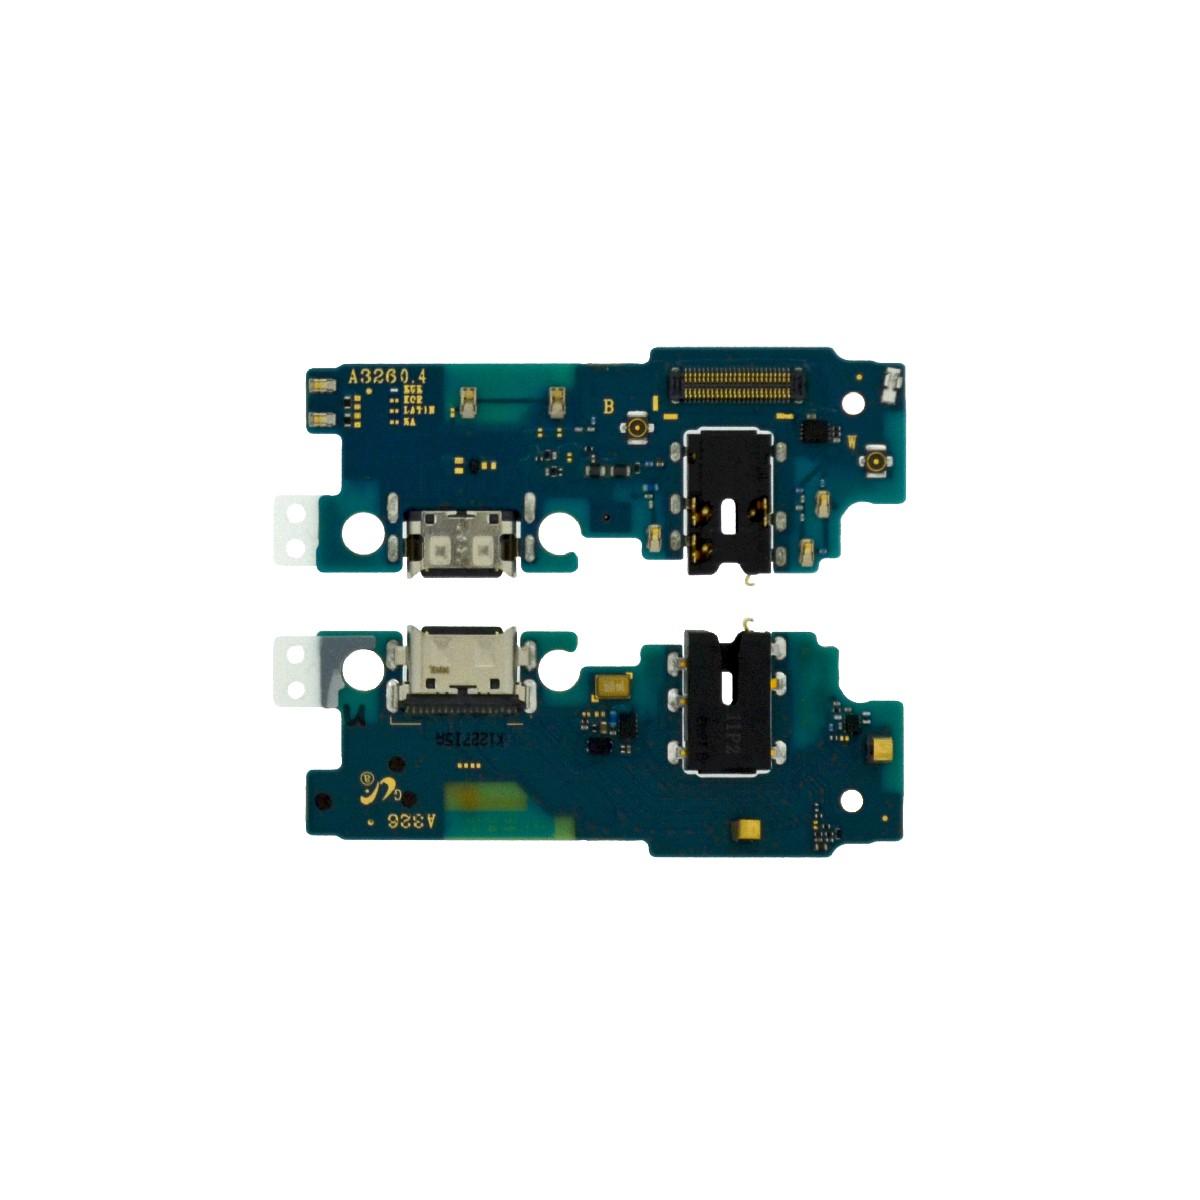 Επαφή Φόρτισης Samsung SM-A326 A32 5G με Πλακέτα, Μικρόφωνο και Επαφή Ακουστικών GH96-14158A Original